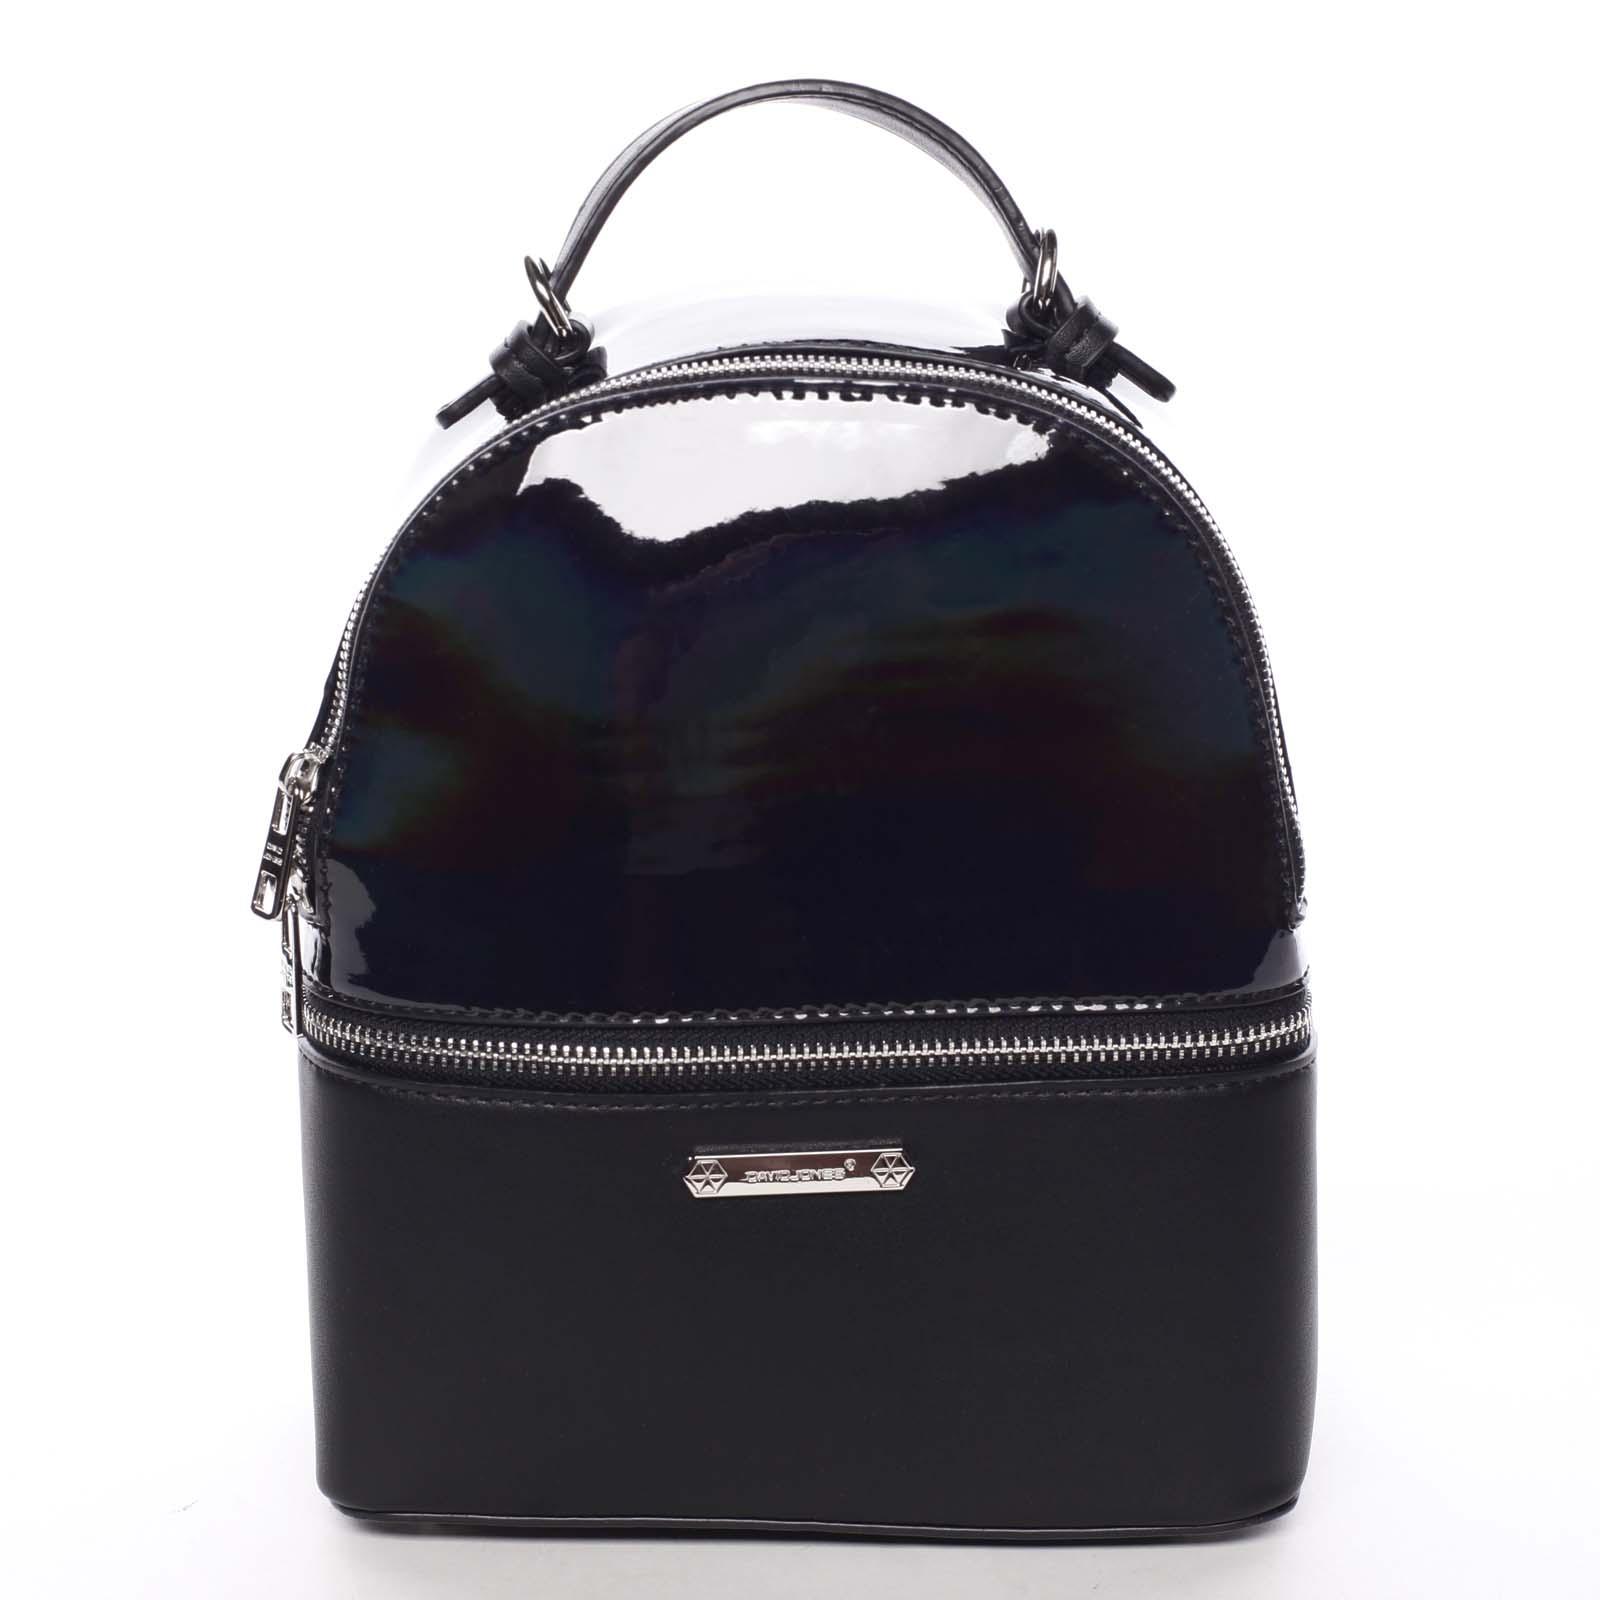 Stylový městský batůžek/kabelka černý - David Jones Diondre